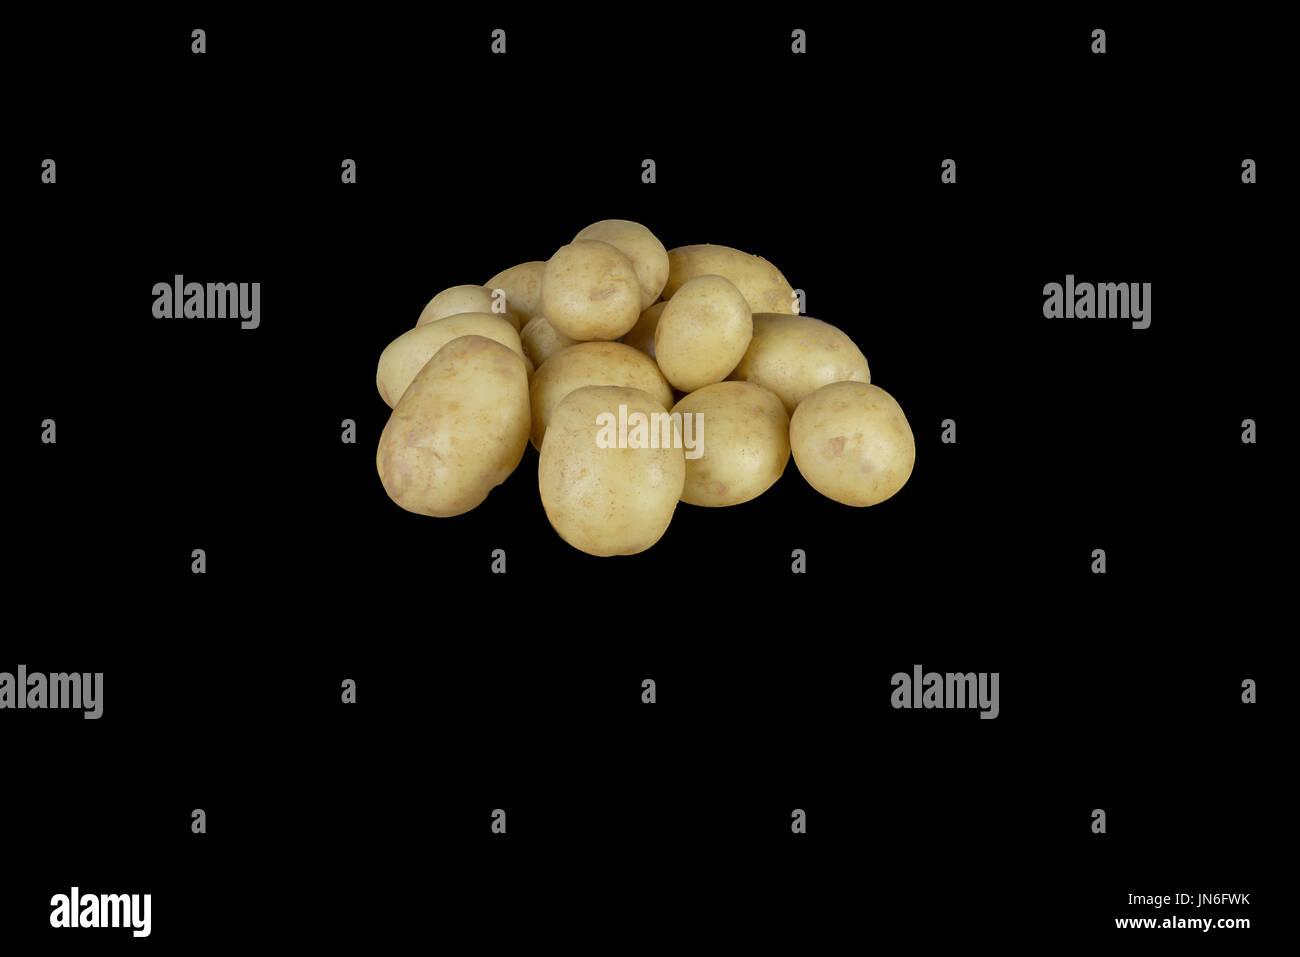 Une pyramide de nouvelles pommes de terre de l'Ayrshire tout droit sorti de l'contributeurs jardin et nettoyé et empilés sur une planche en bois qui est ensuite isolé sur un noir Photo Stock